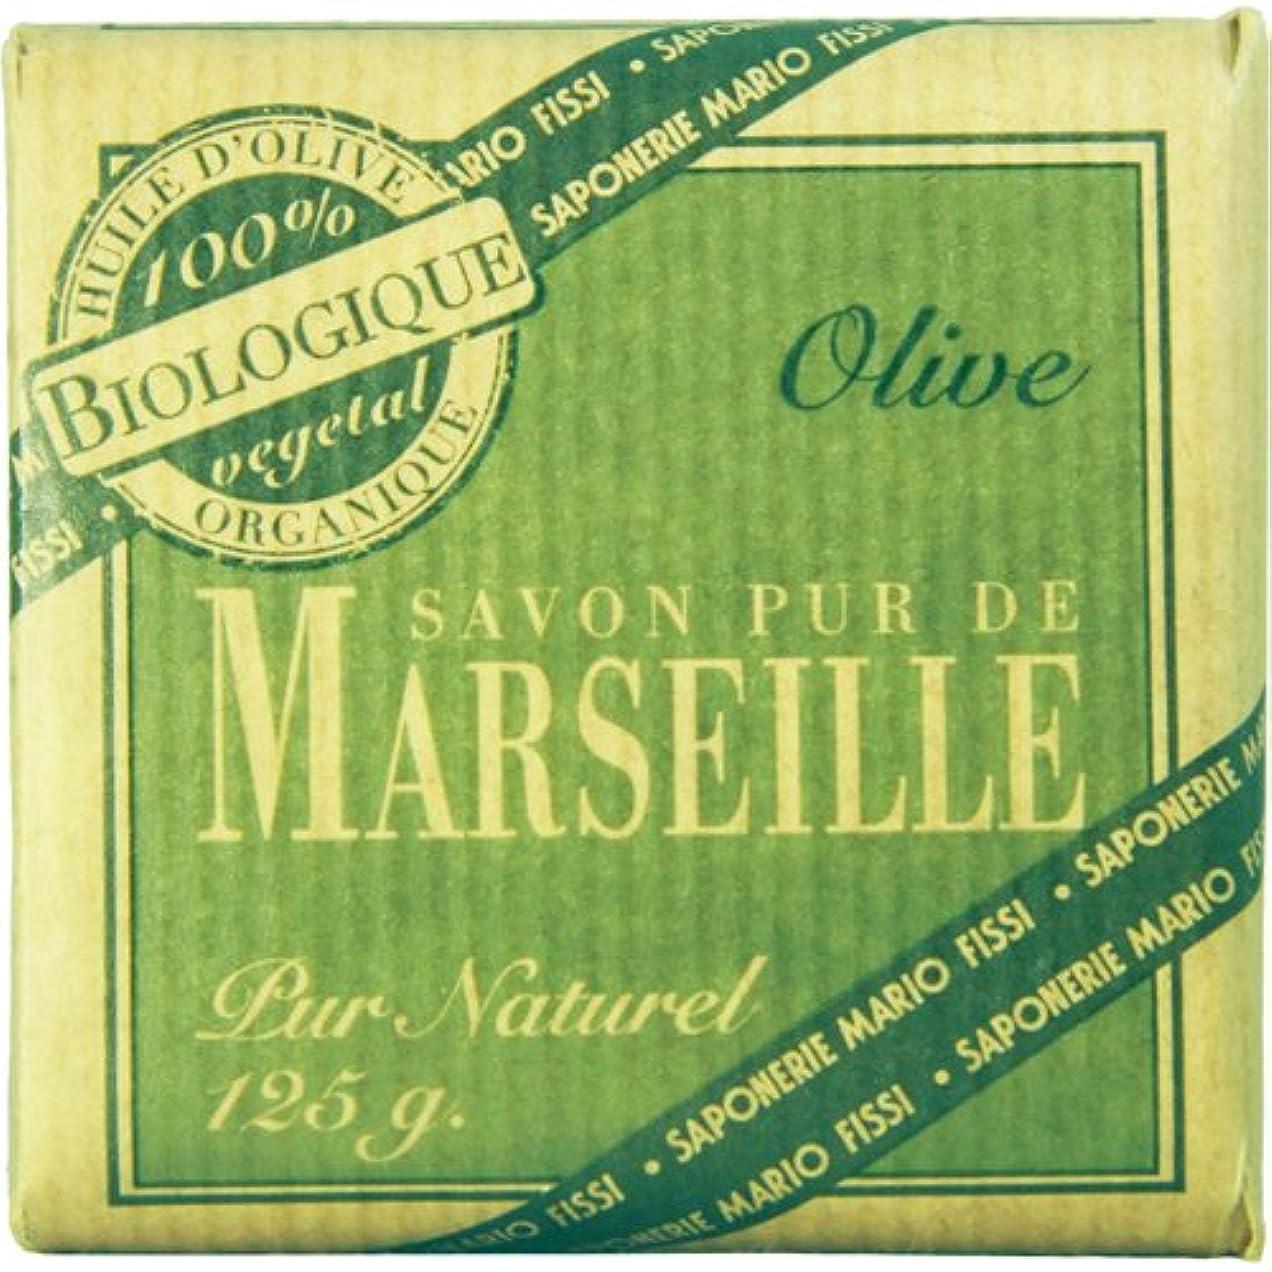 浮浪者チャールズキージングSaponerire Fissi マルセイユシリーズ マルセイユソープ 125g Olive オリーブ